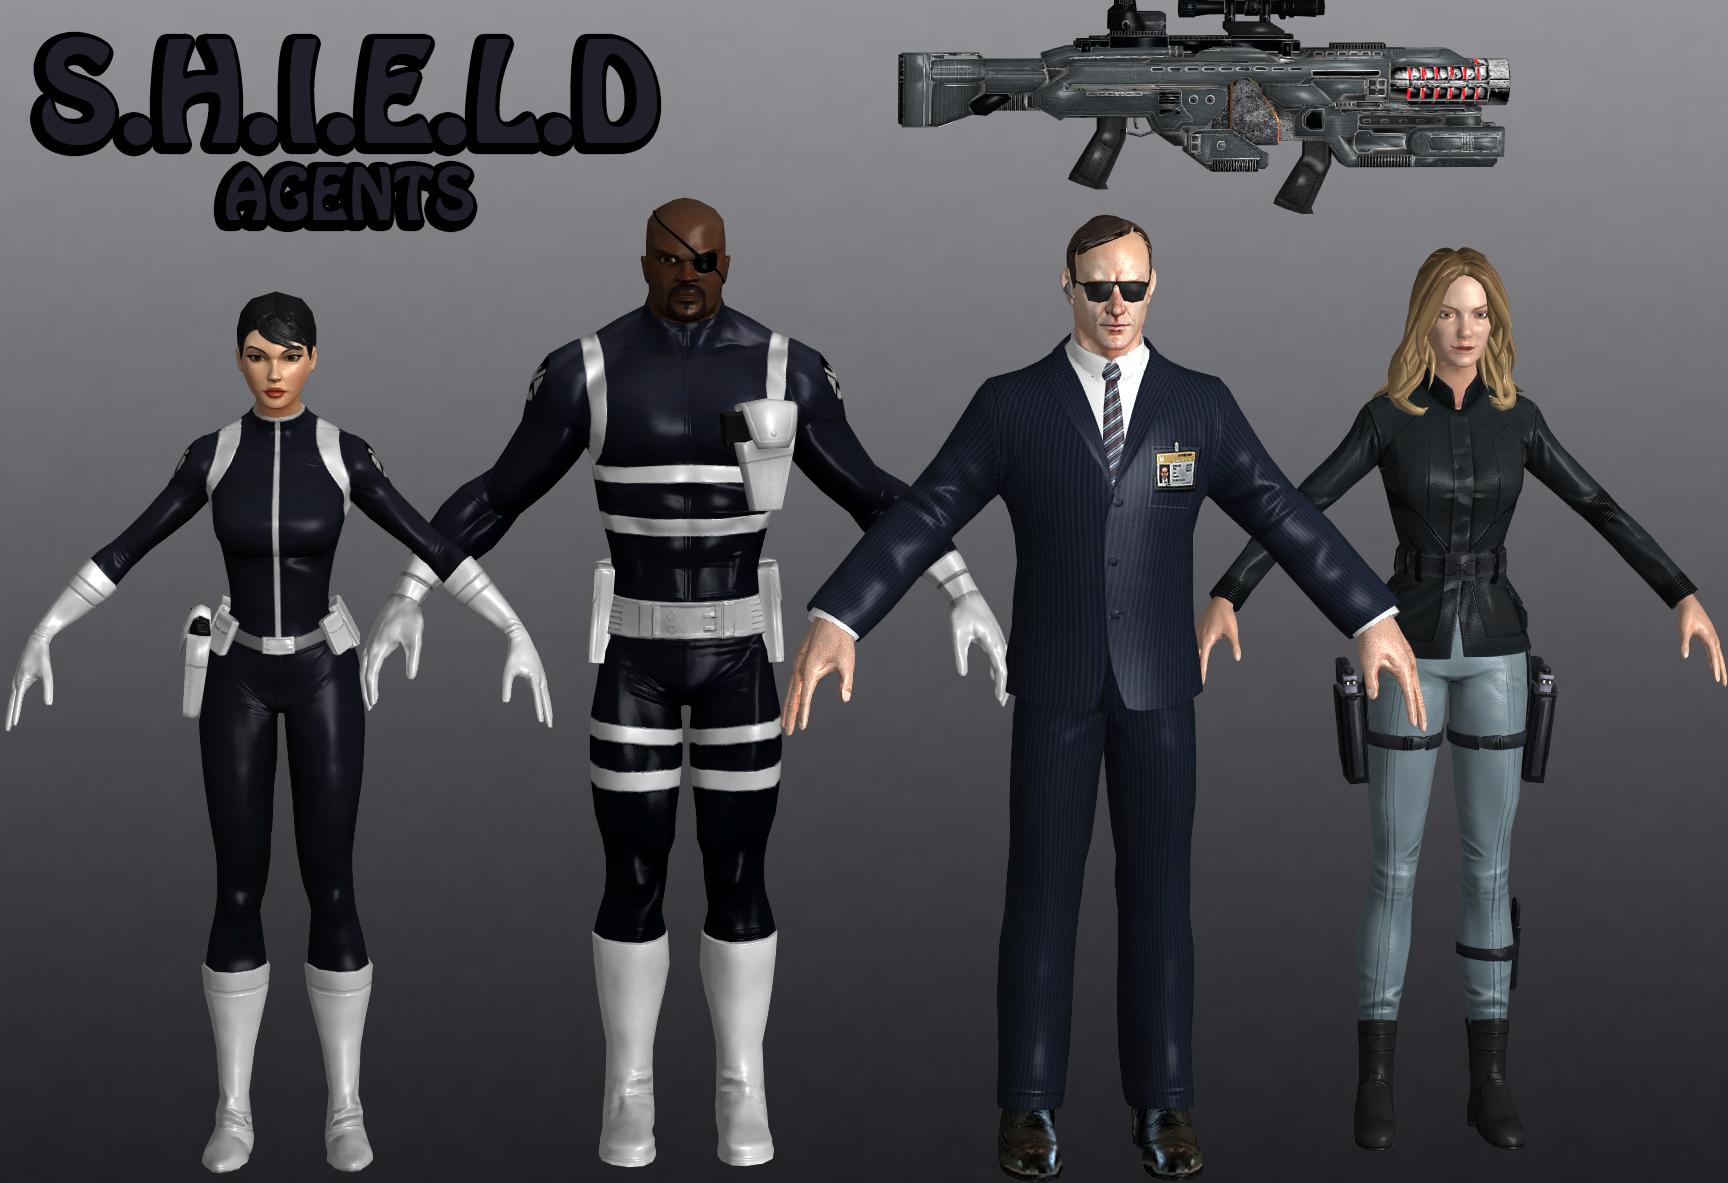 Shield marvel heroes xnalara by xelandis on deviantart shield marvel heroes xnalara by xelandis shield marvel heroes xnalara by xelandis ccuart Gallery